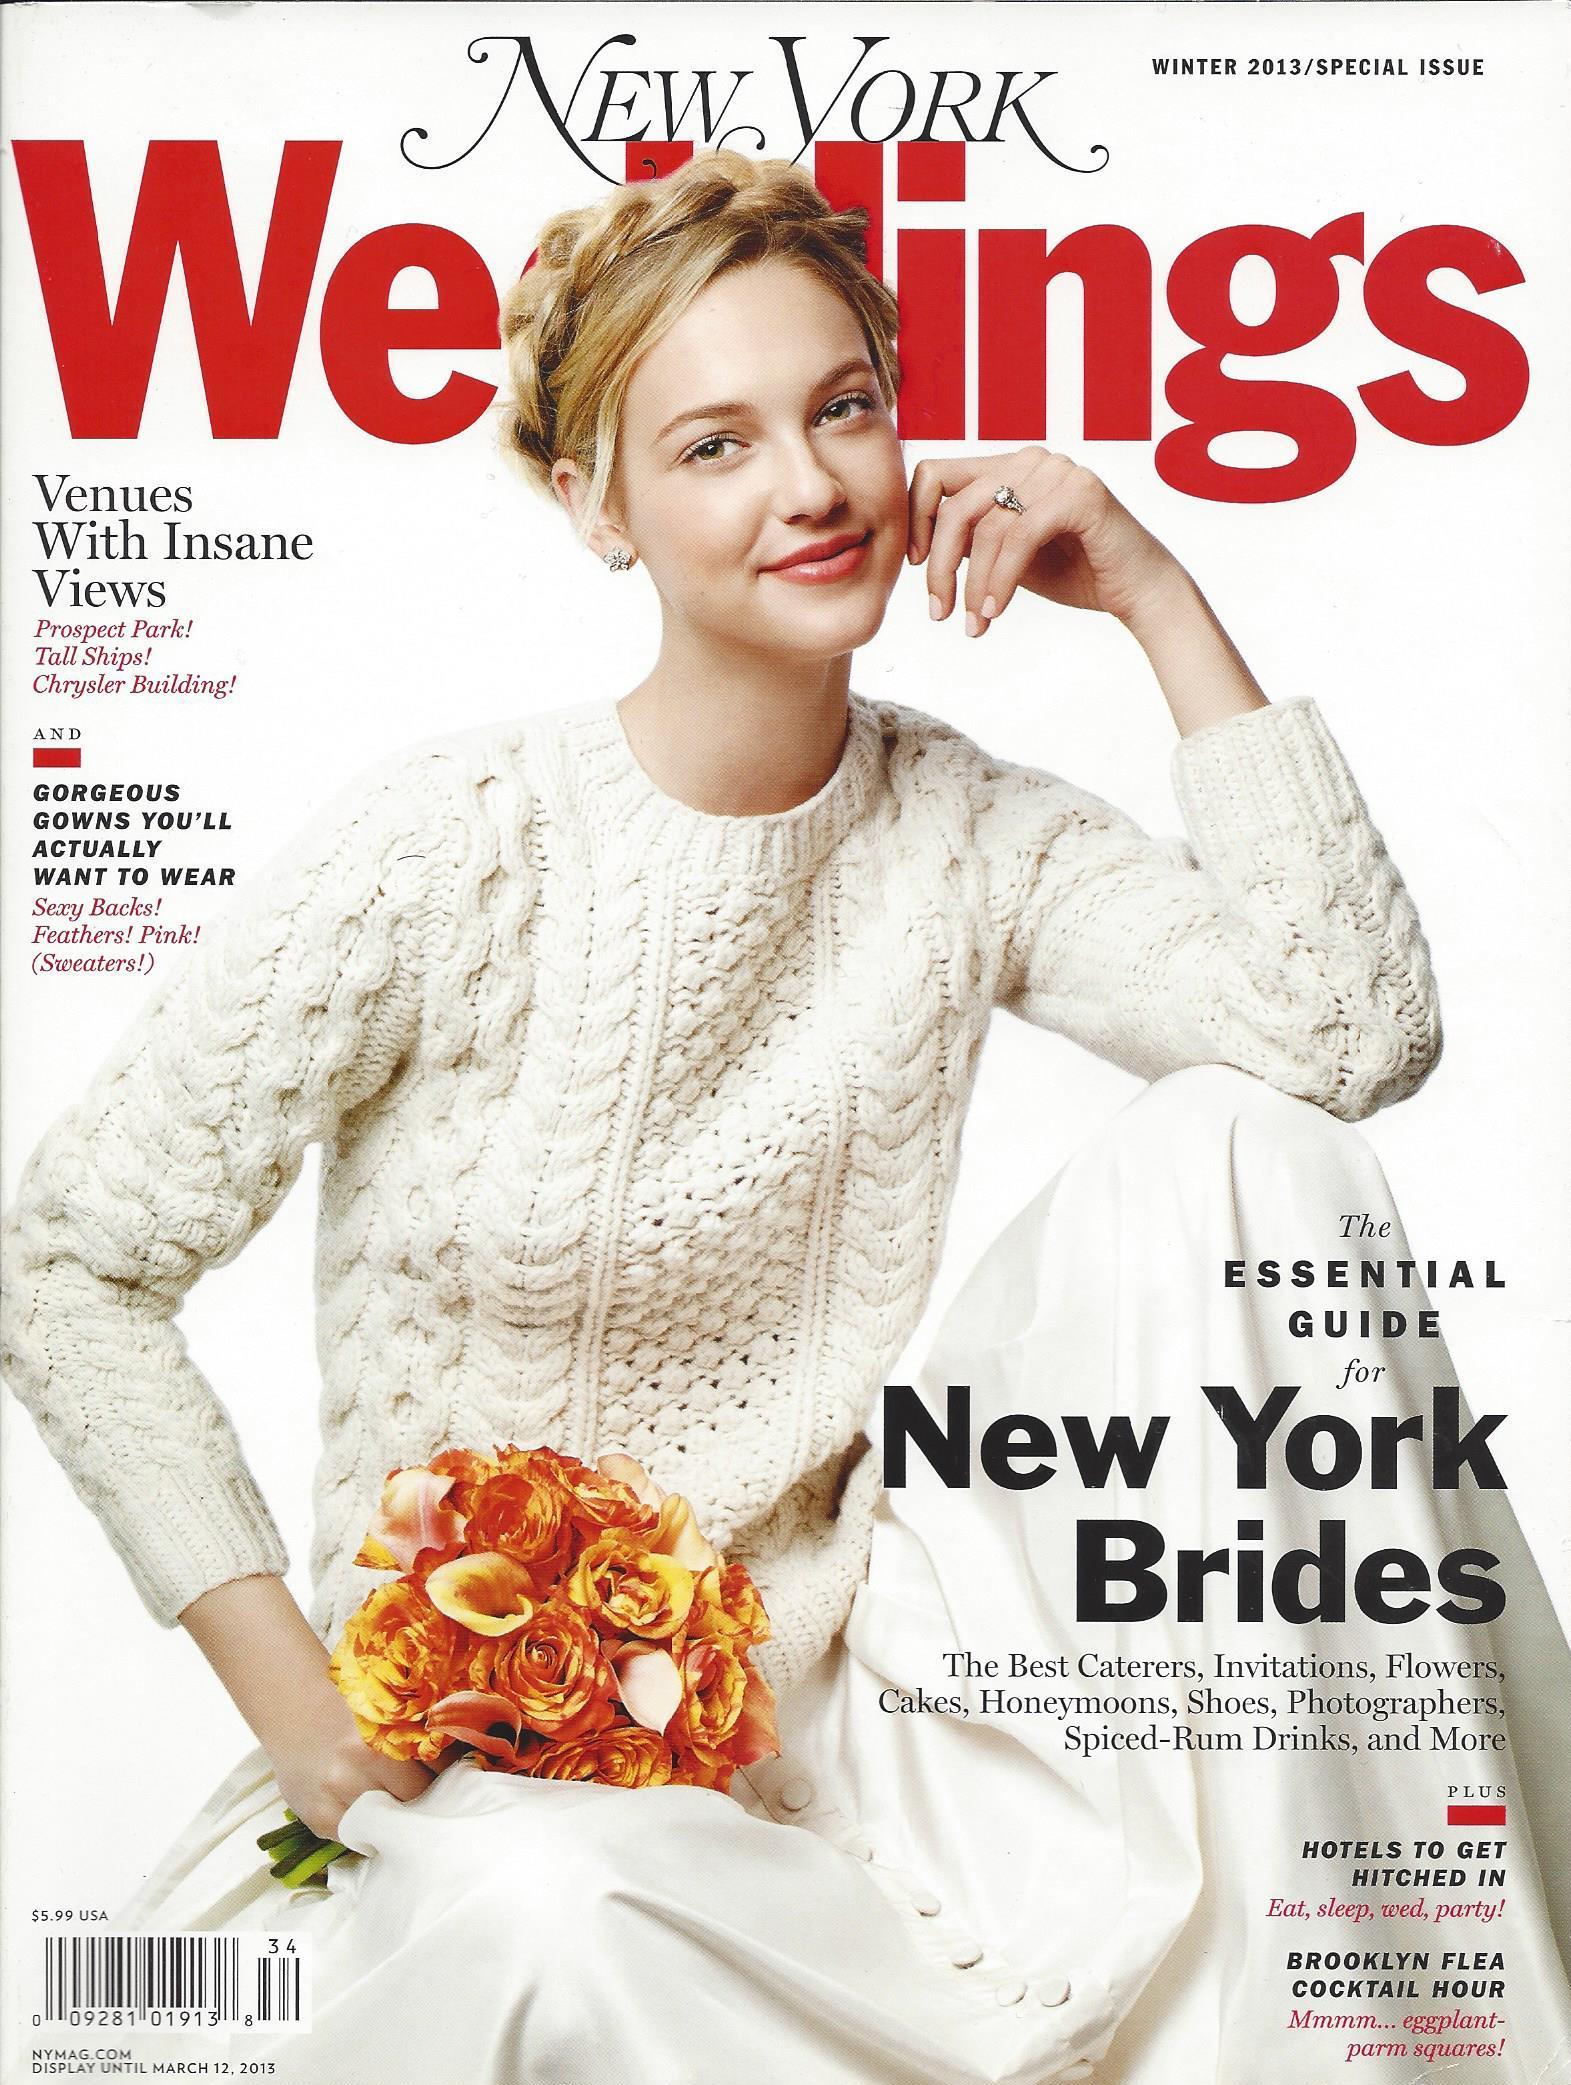 Ny Wedding cover.jpg